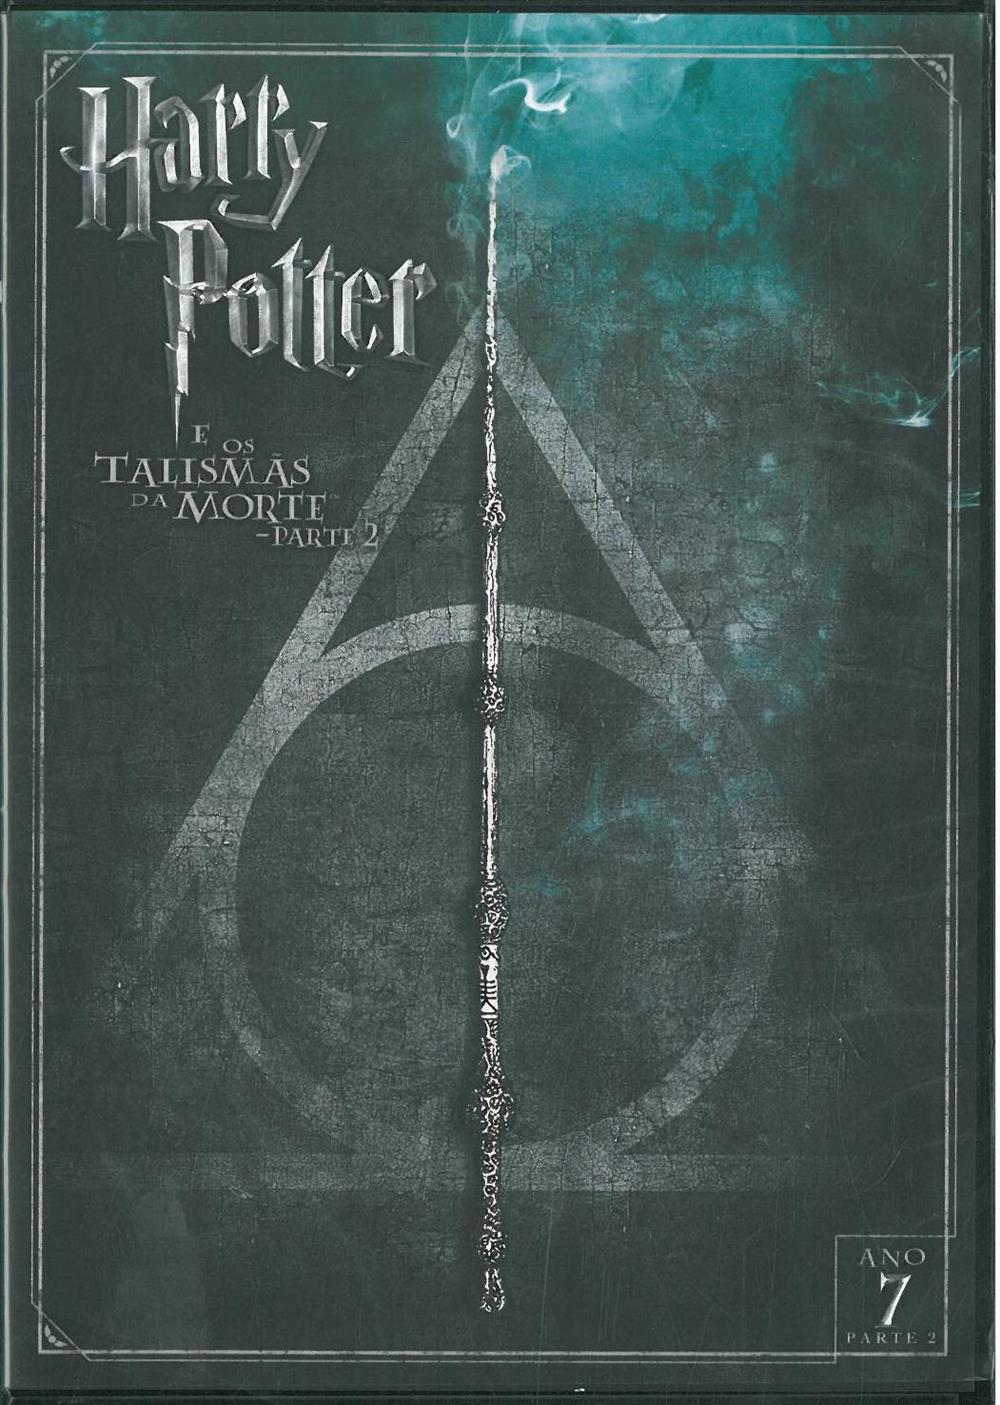 Harry Potter e os talismãs da morte_DVD.jpg